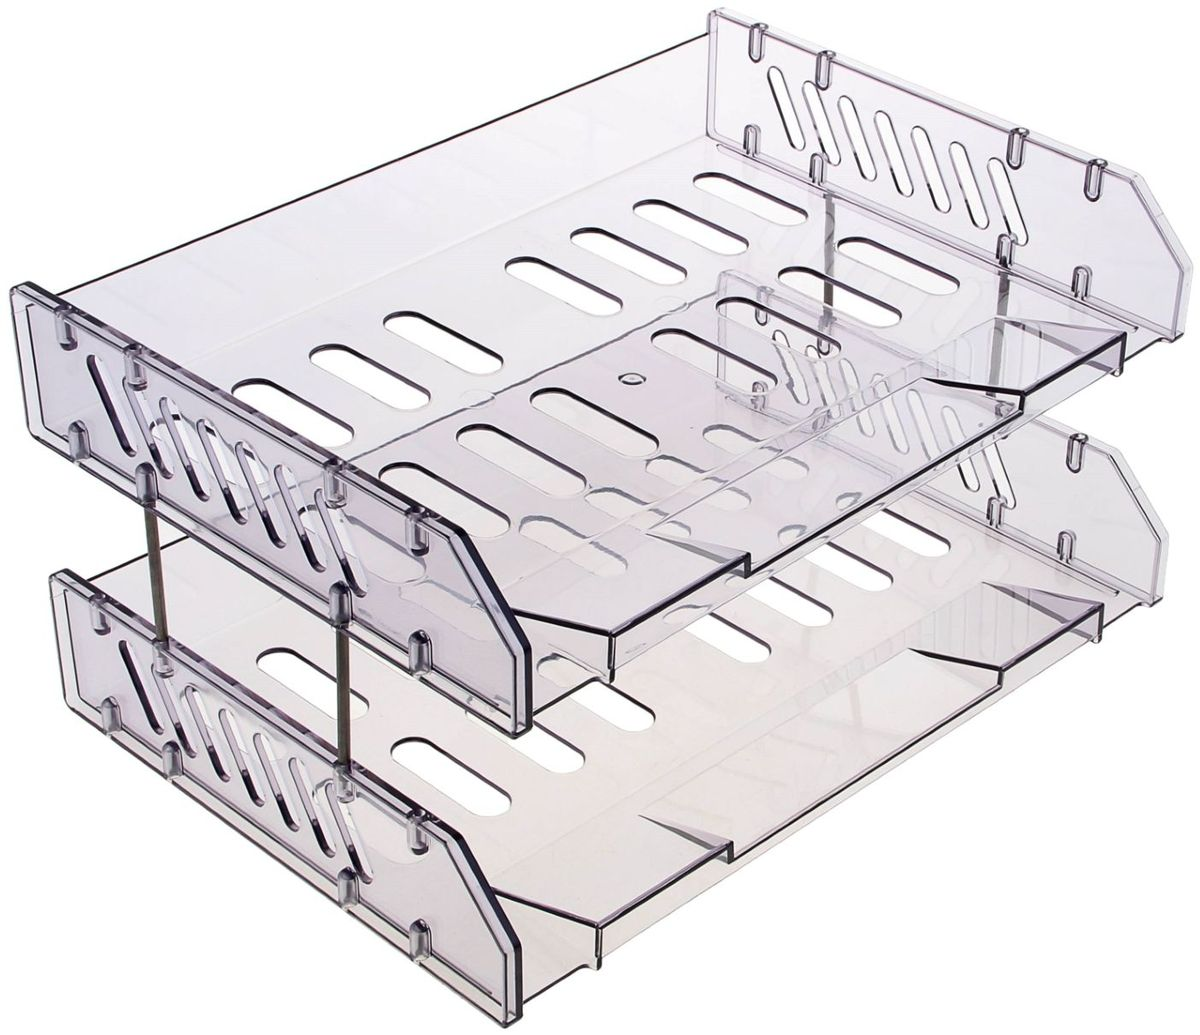 Стамм Набор горизонтальных лотков для бумаг Сити цвет прозрачный серый 2 шт1083093Сетчатые горизонтальные лотки Стамм Сити предназначены для хранения документов, рабочих бумаг, журналов и каталогов.Набор включает два лотка из высококачественного ударопрочного пластика серого цвета. Лотки устанавливаются друг на друга и надежно скрепляются посредством металлический стержней.Горизонтальные лотки для бумаг Стамм Сити помогут в удобной организации рабочего пространства.